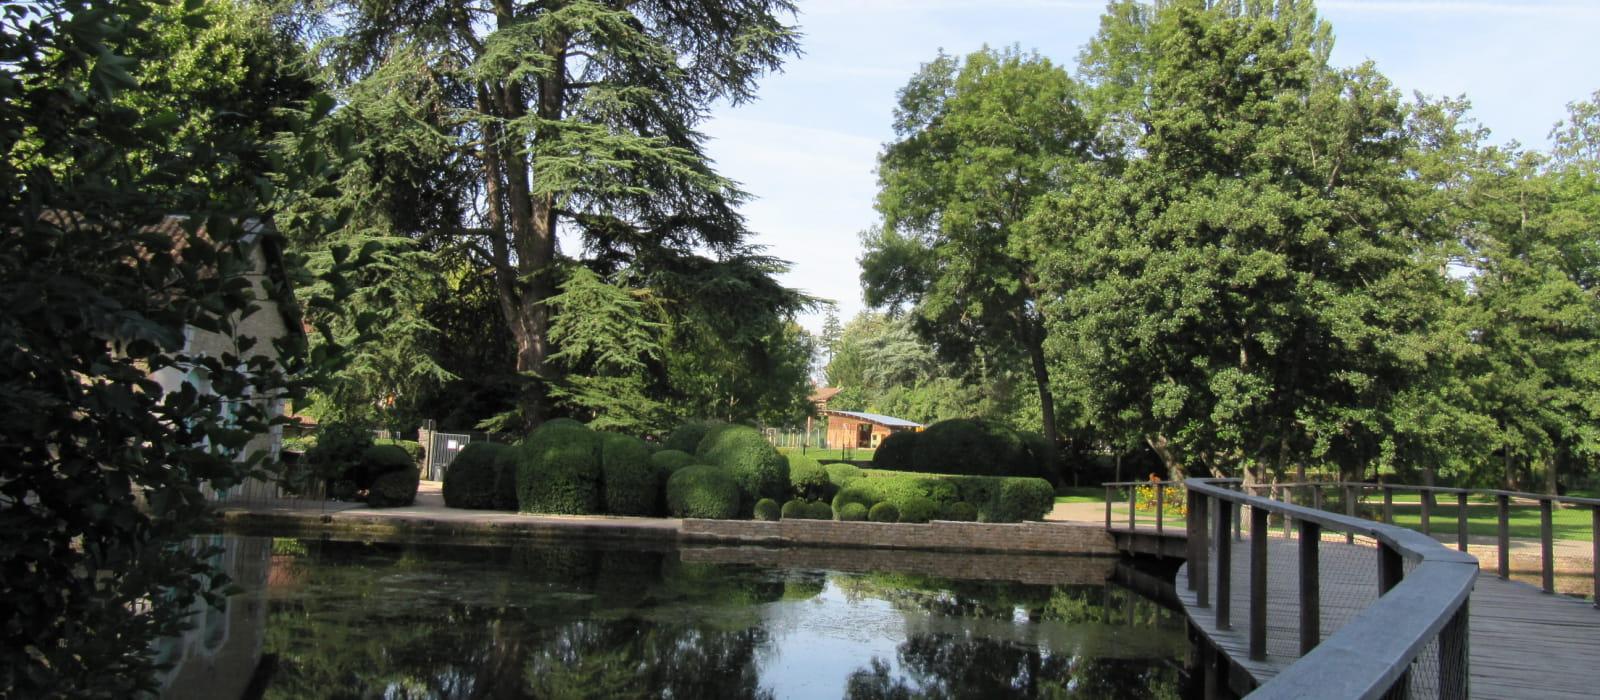 Passerelle Parc de la Bouzaize